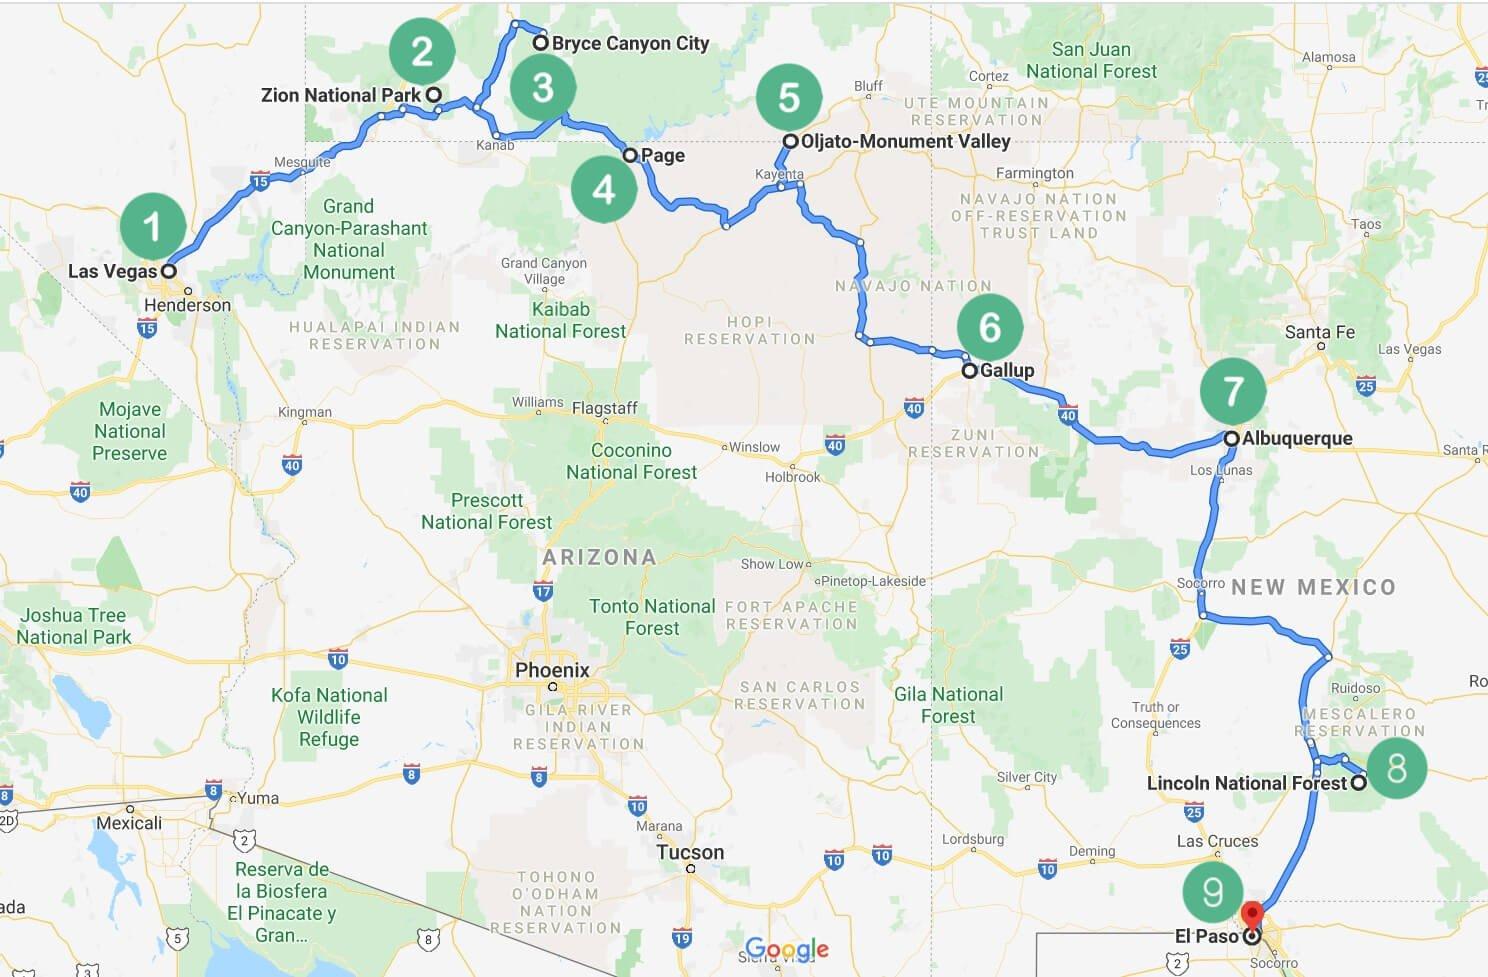 1.2 Southwest Route Stop 1